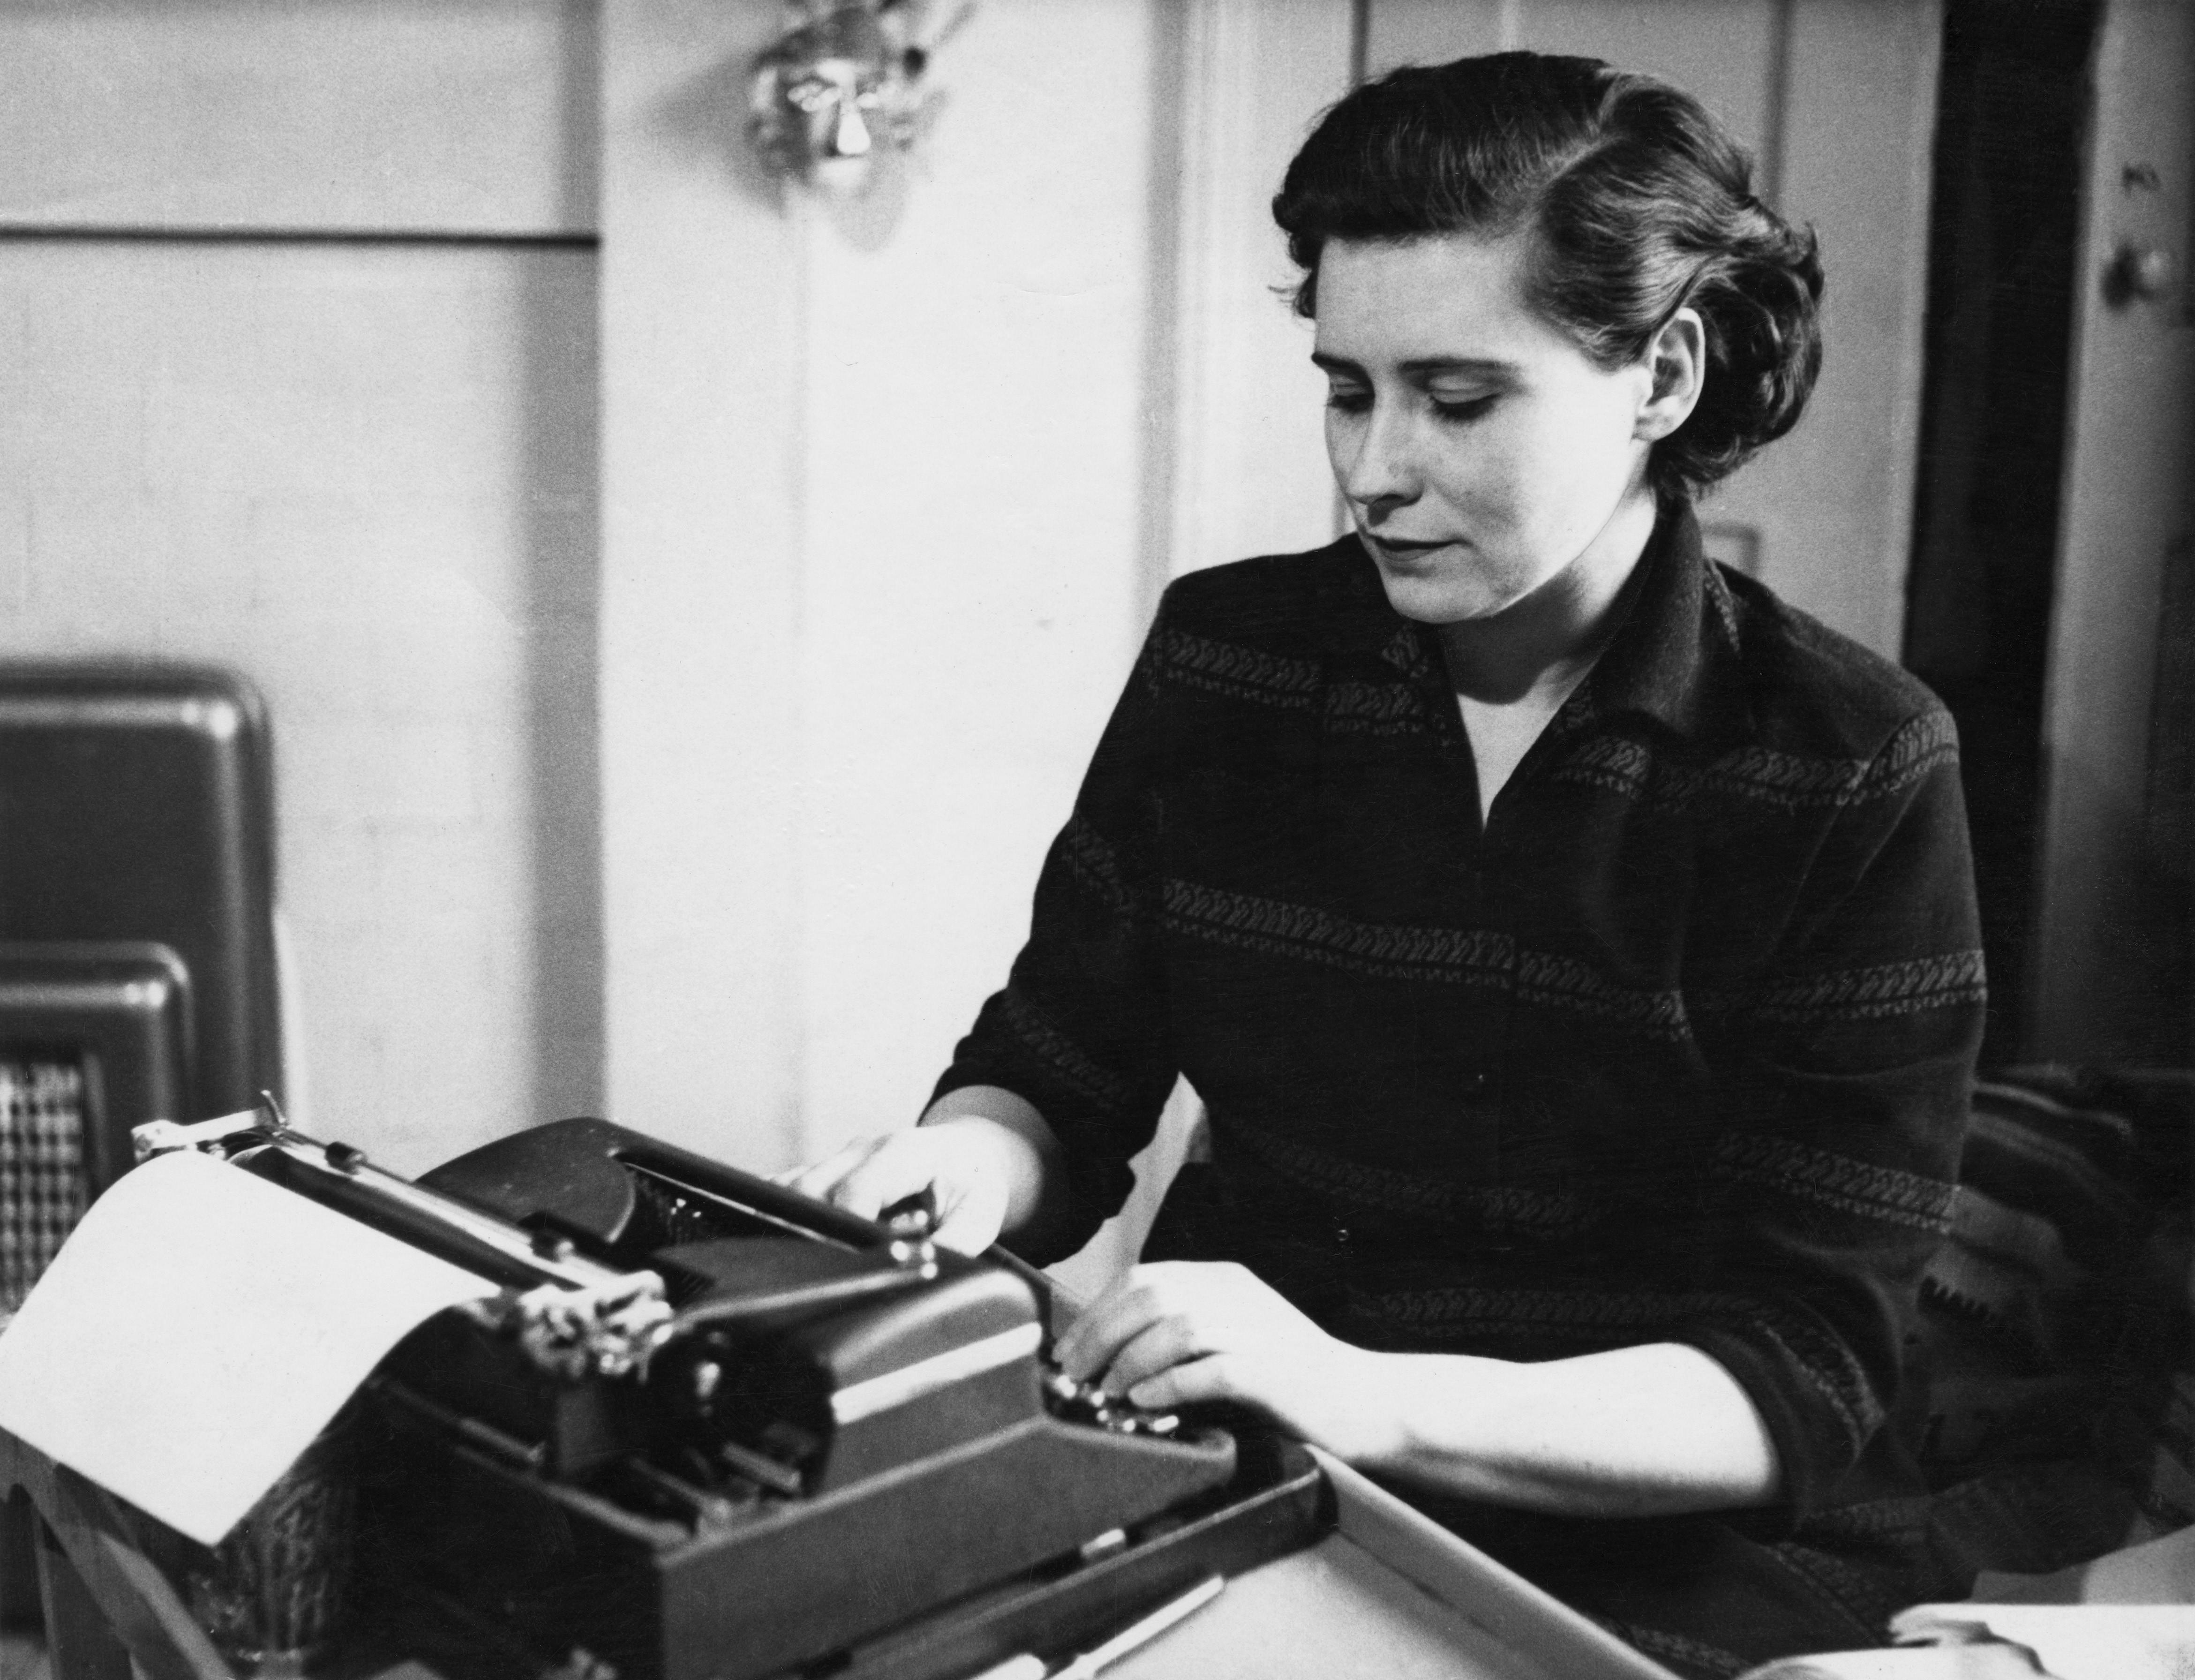 Doris Lessing at a typewriter